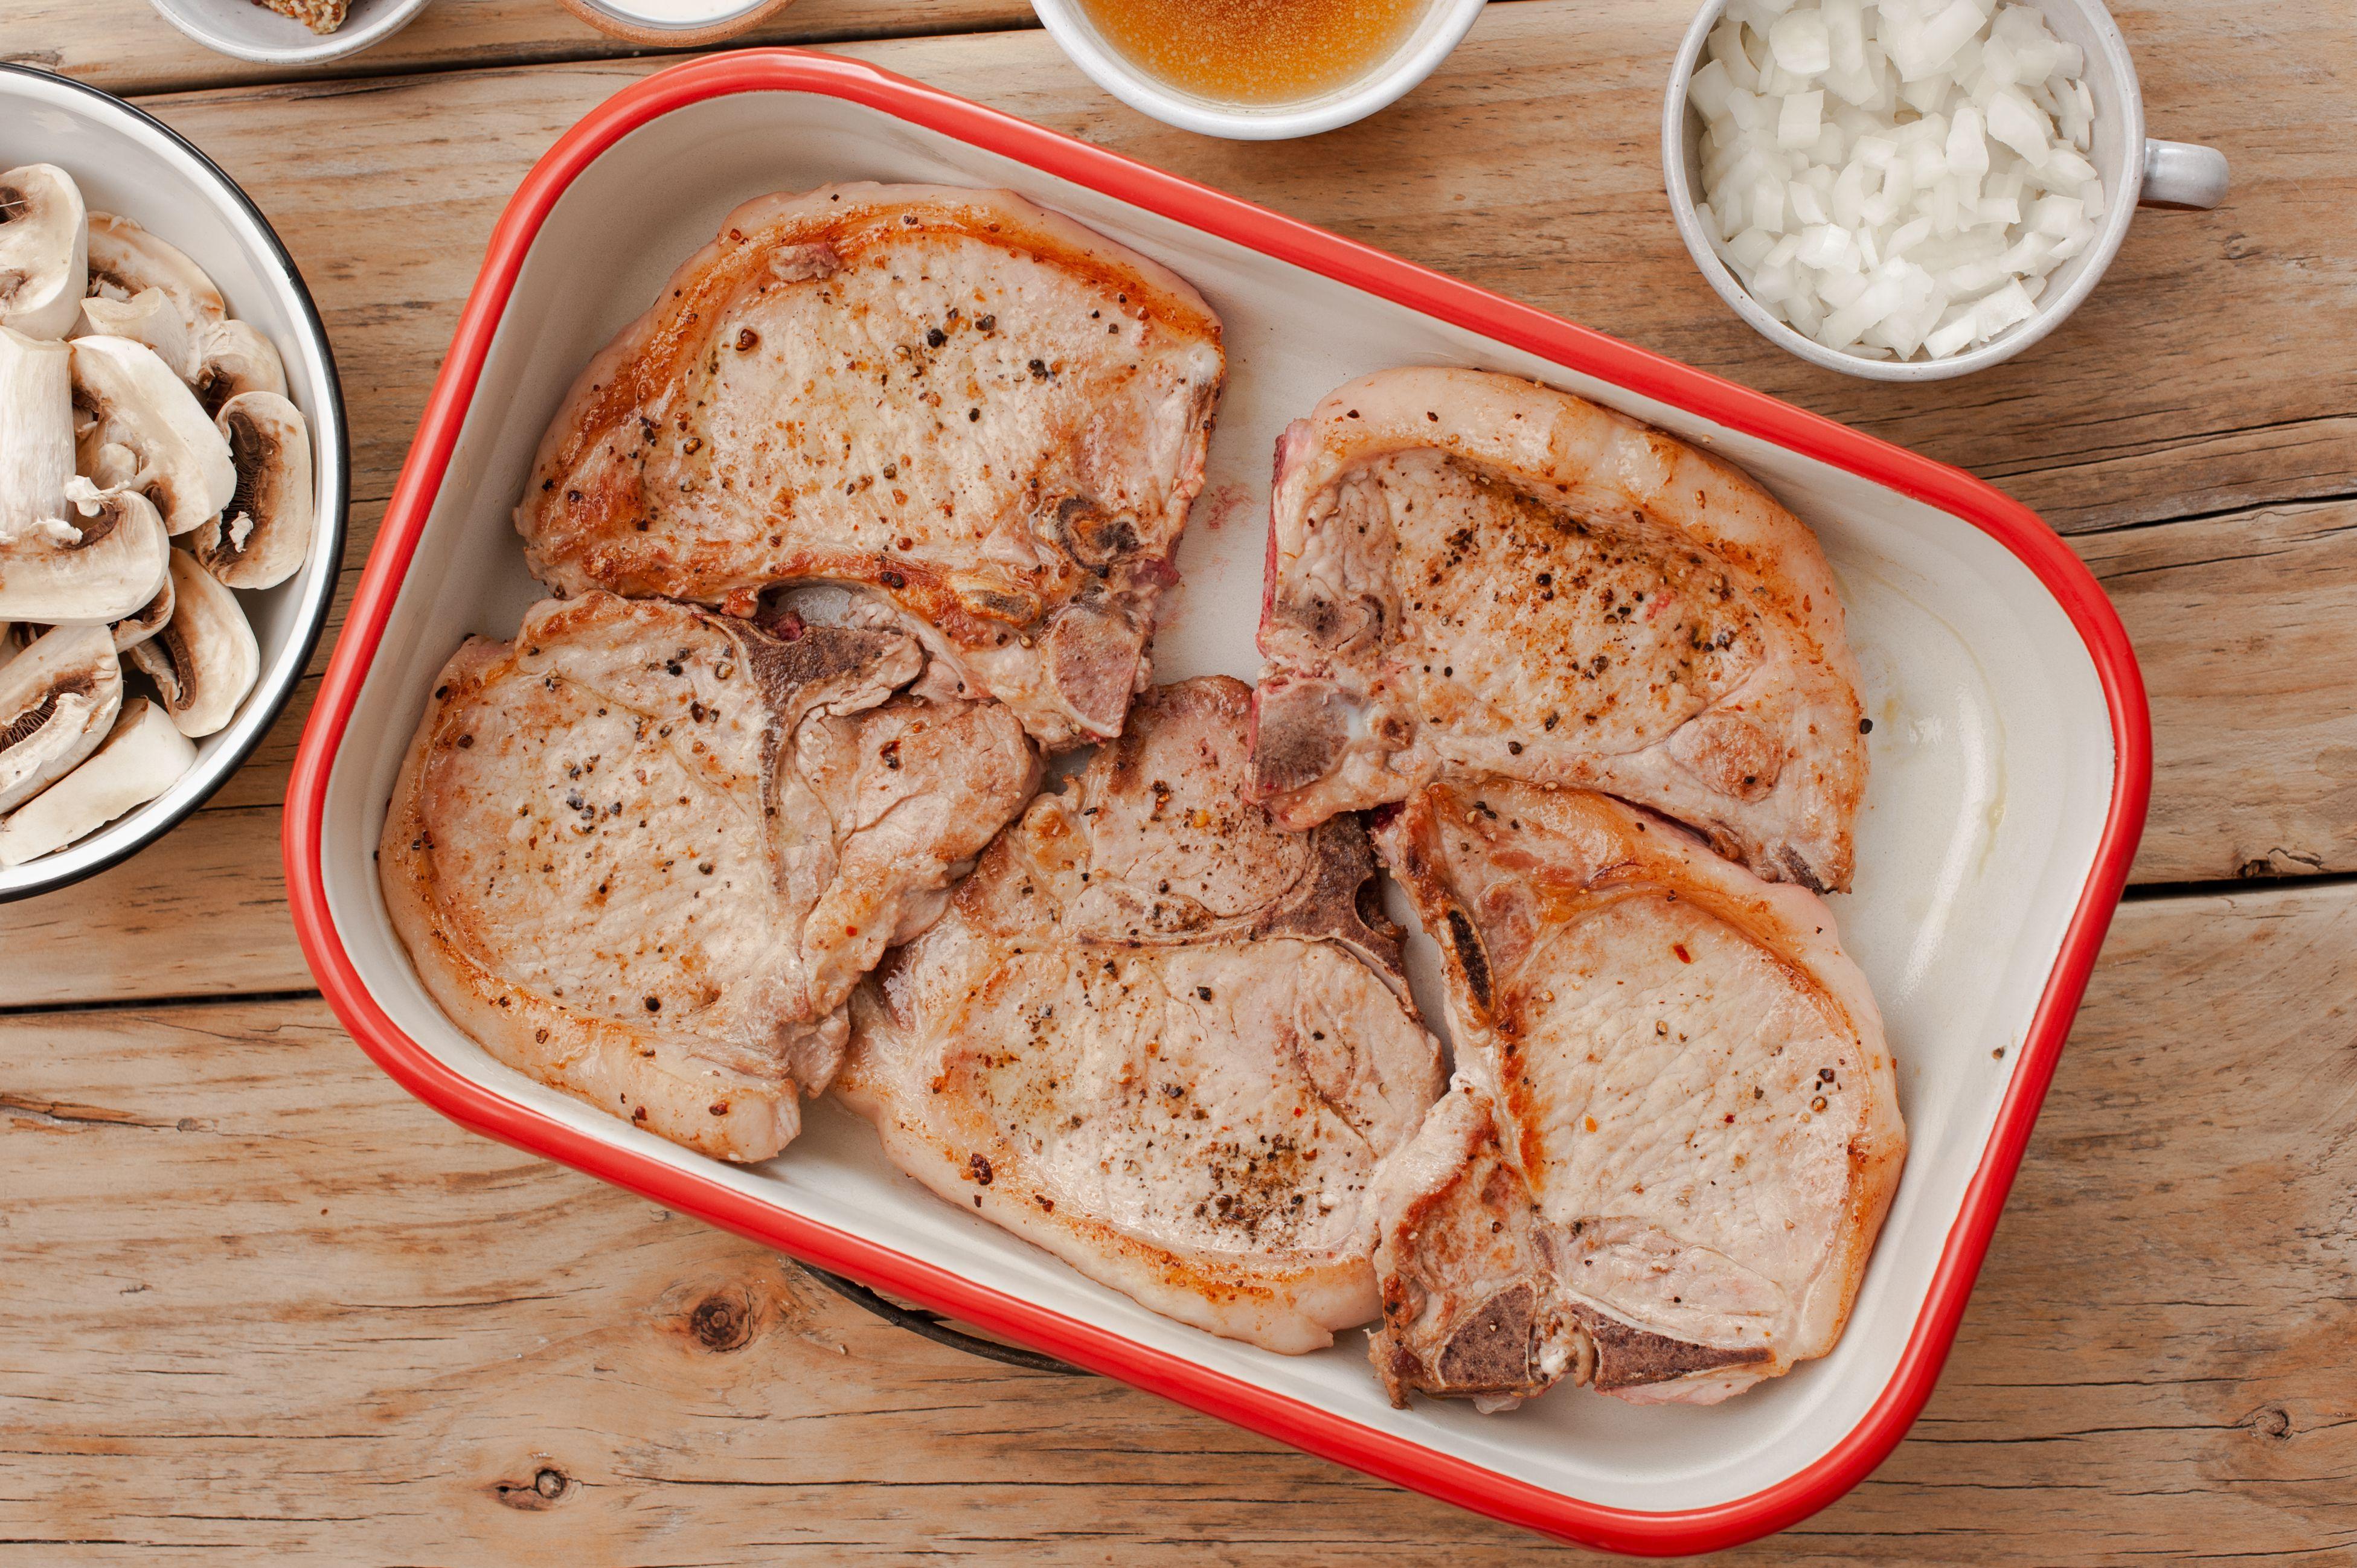 Pork chops in a dish